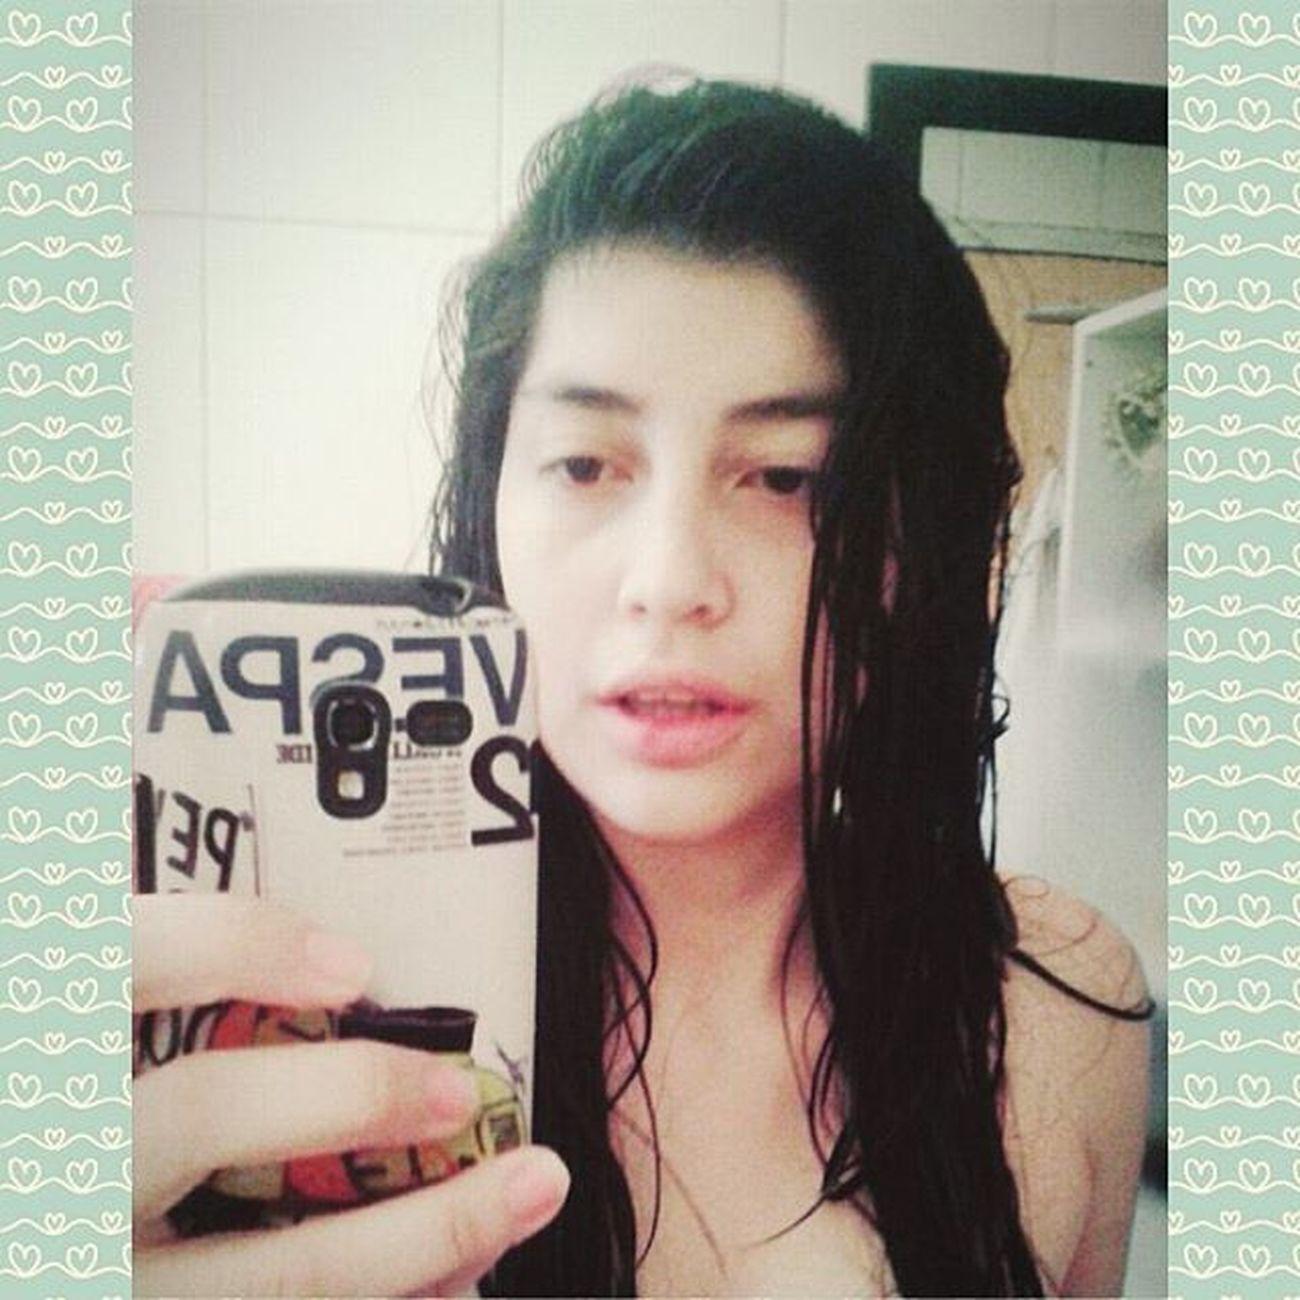 Como todos los sábados (: .-Pero este sueño no me lo quita nadie '8sh8' -. Dime  Saturday Upsi Byebye Water Shower